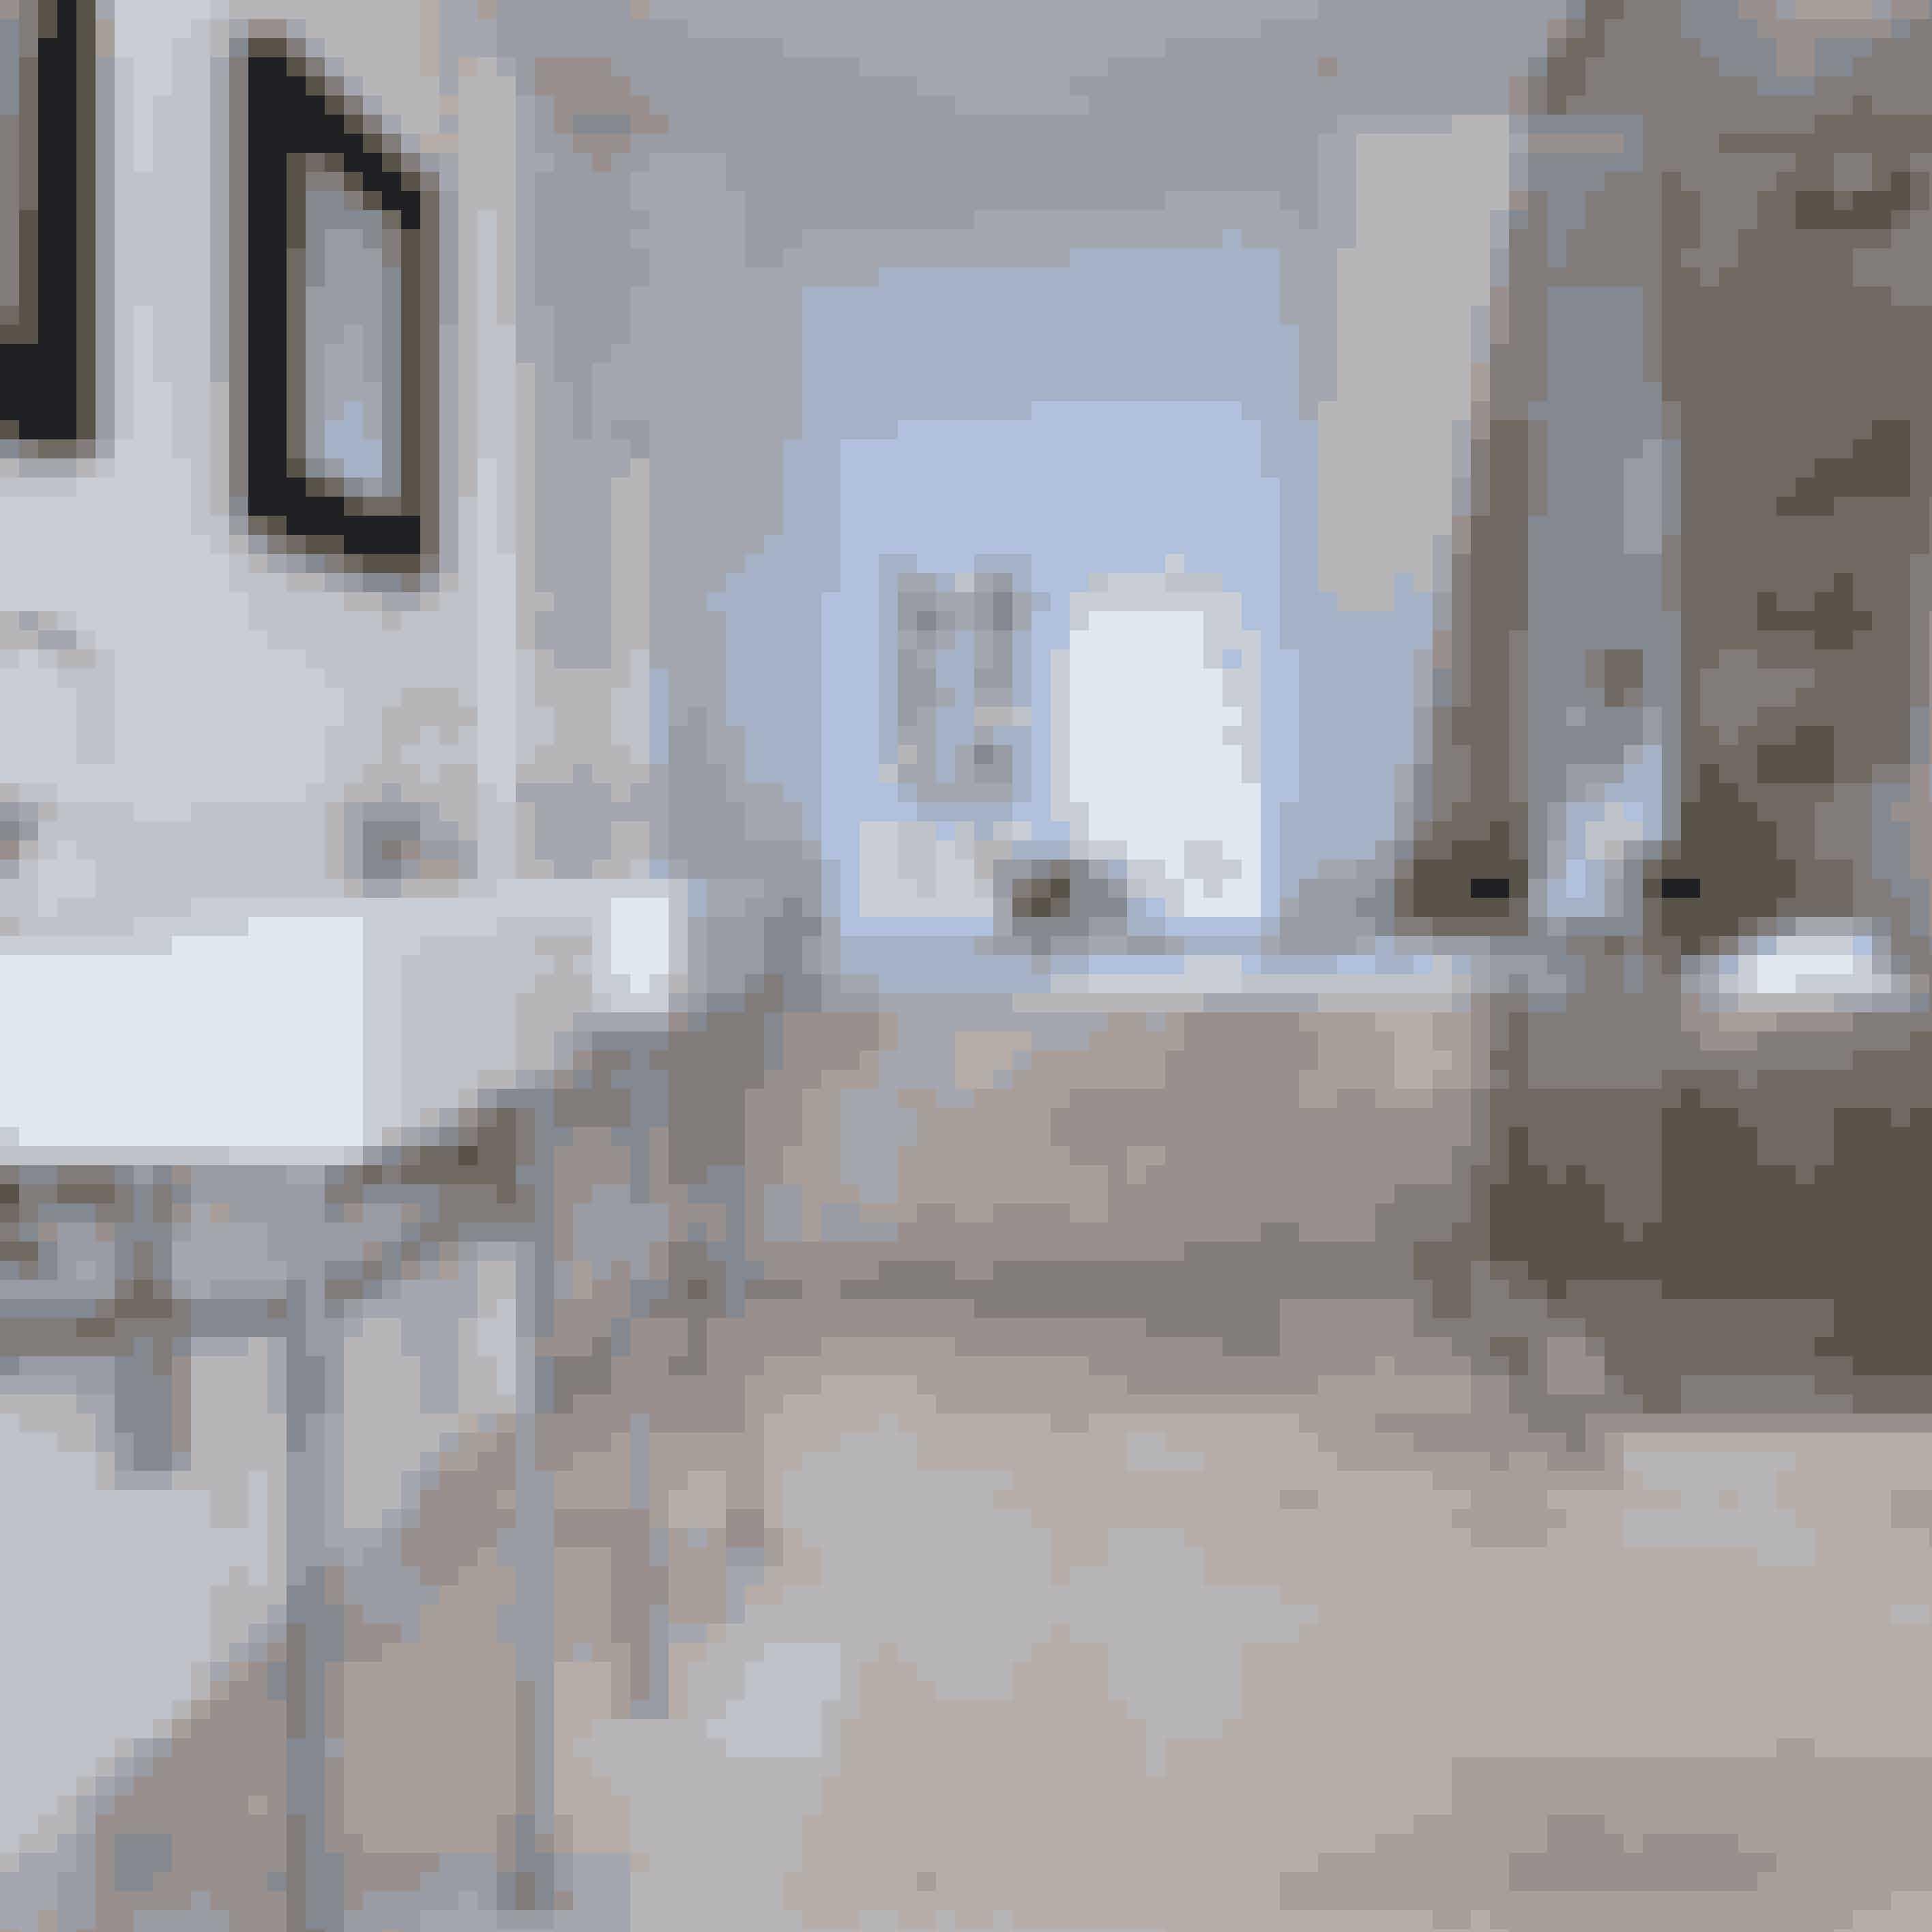 Lad de naturfarvede fliser på gulvet fortsætte ind i brusenichen for et fint helhedsudtryk. Overvej også at montere to håndvaske hvis I har travlt om morgenen.